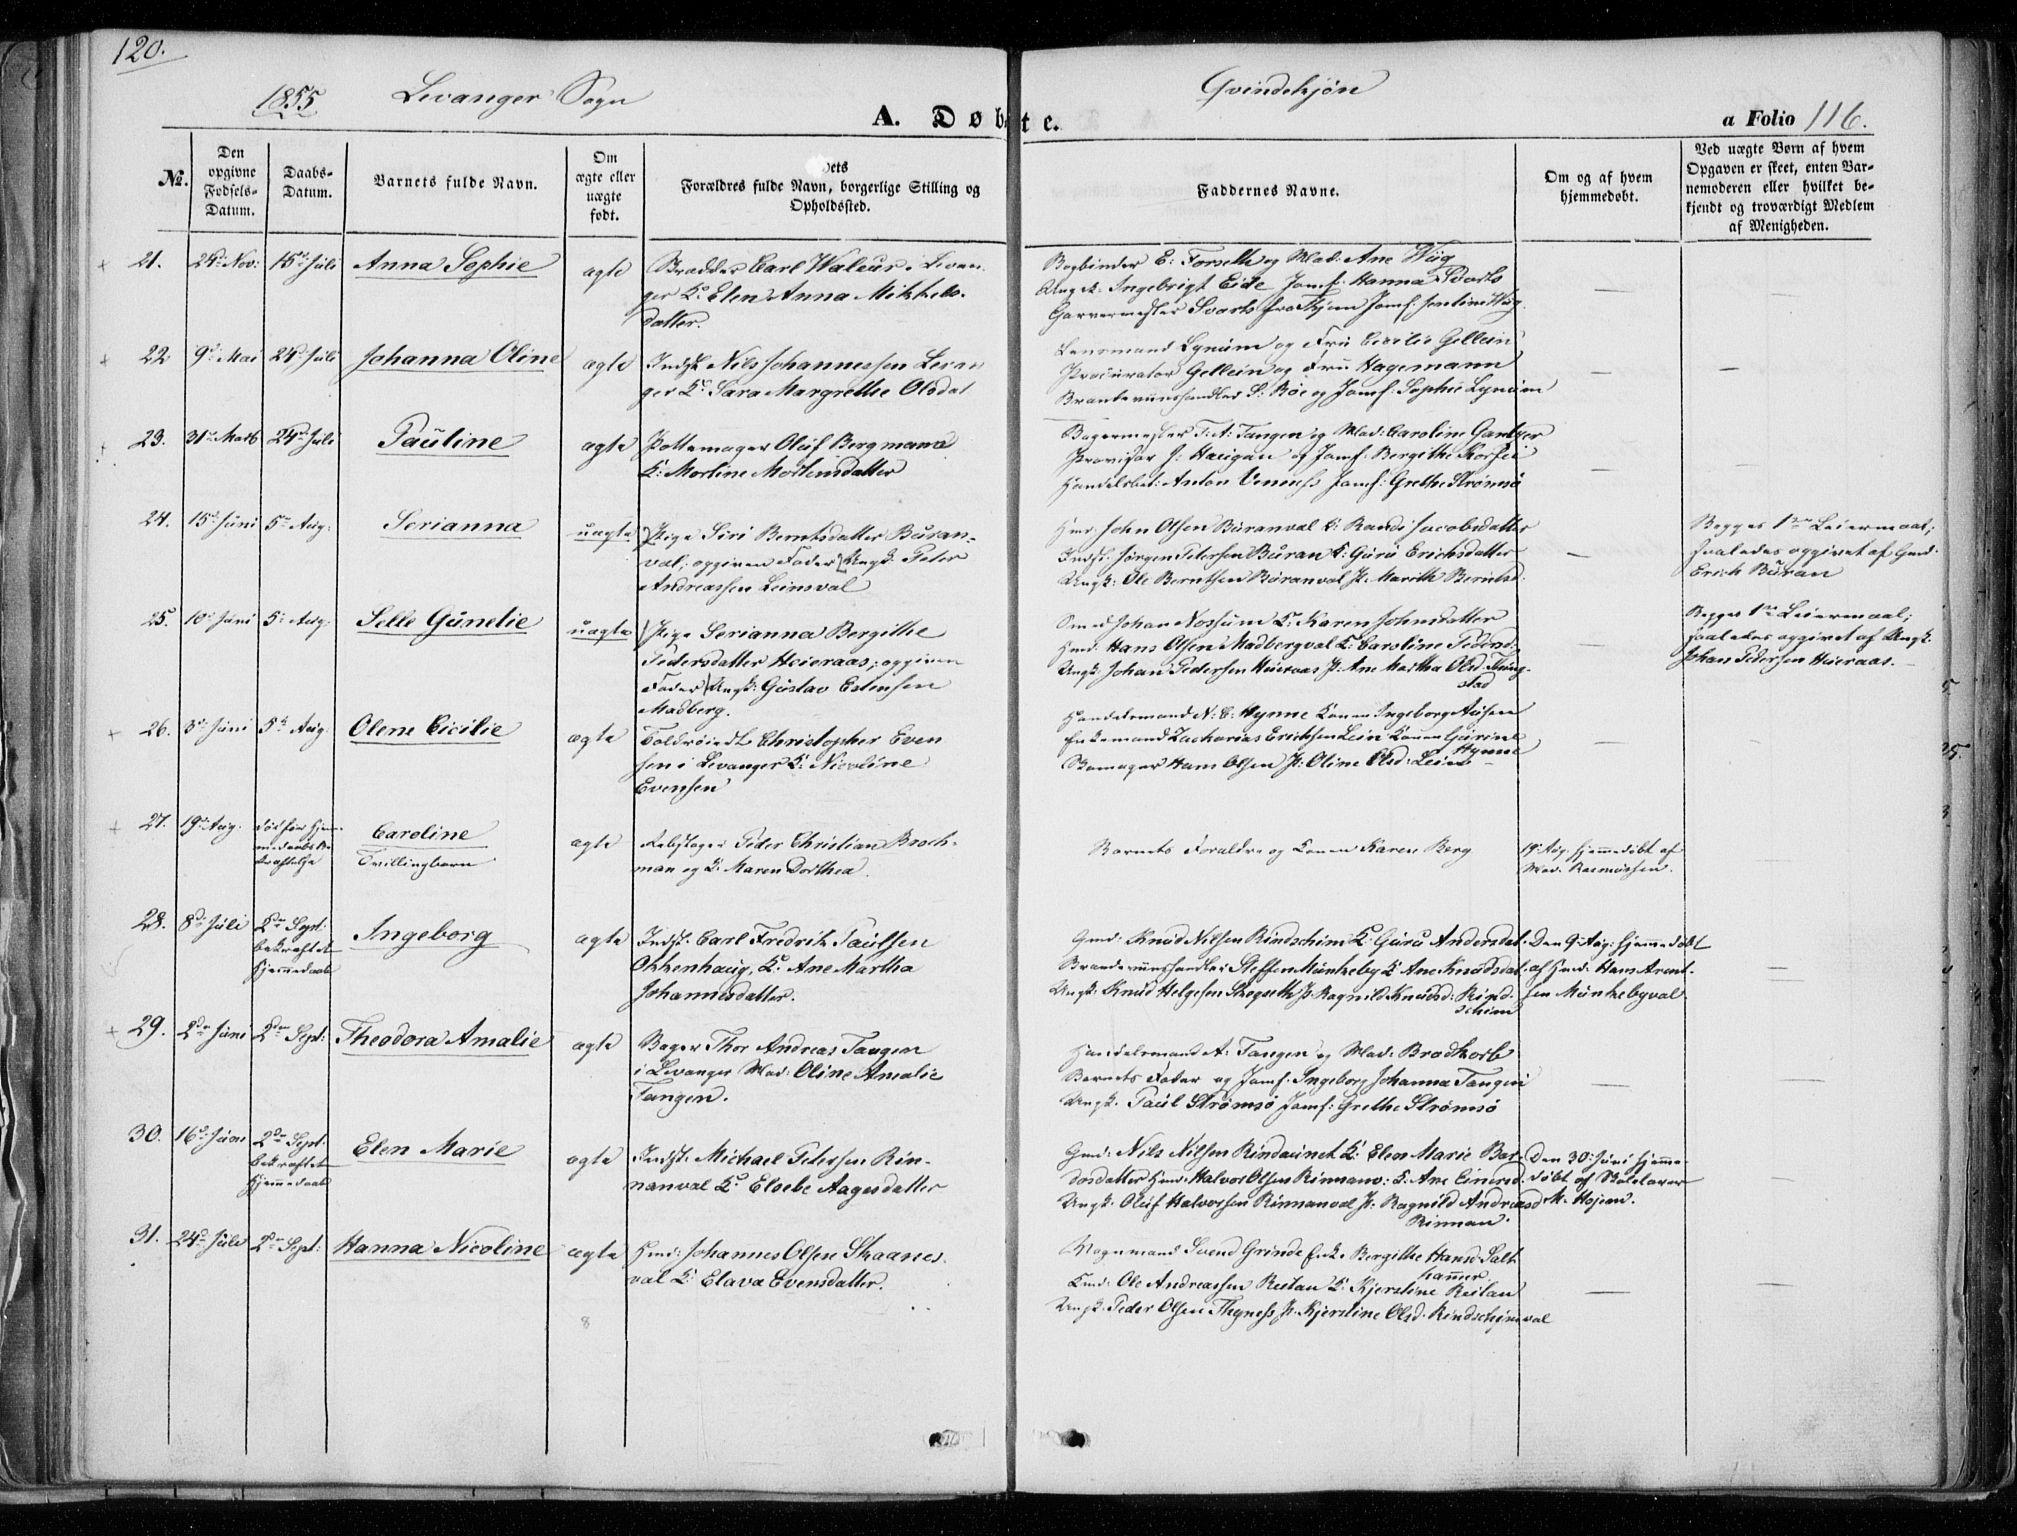 SAT, Ministerialprotokoller, klokkerbøker og fødselsregistre - Nord-Trøndelag, 720/L0183: Ministerialbok nr. 720A01, 1836-1855, s. 116